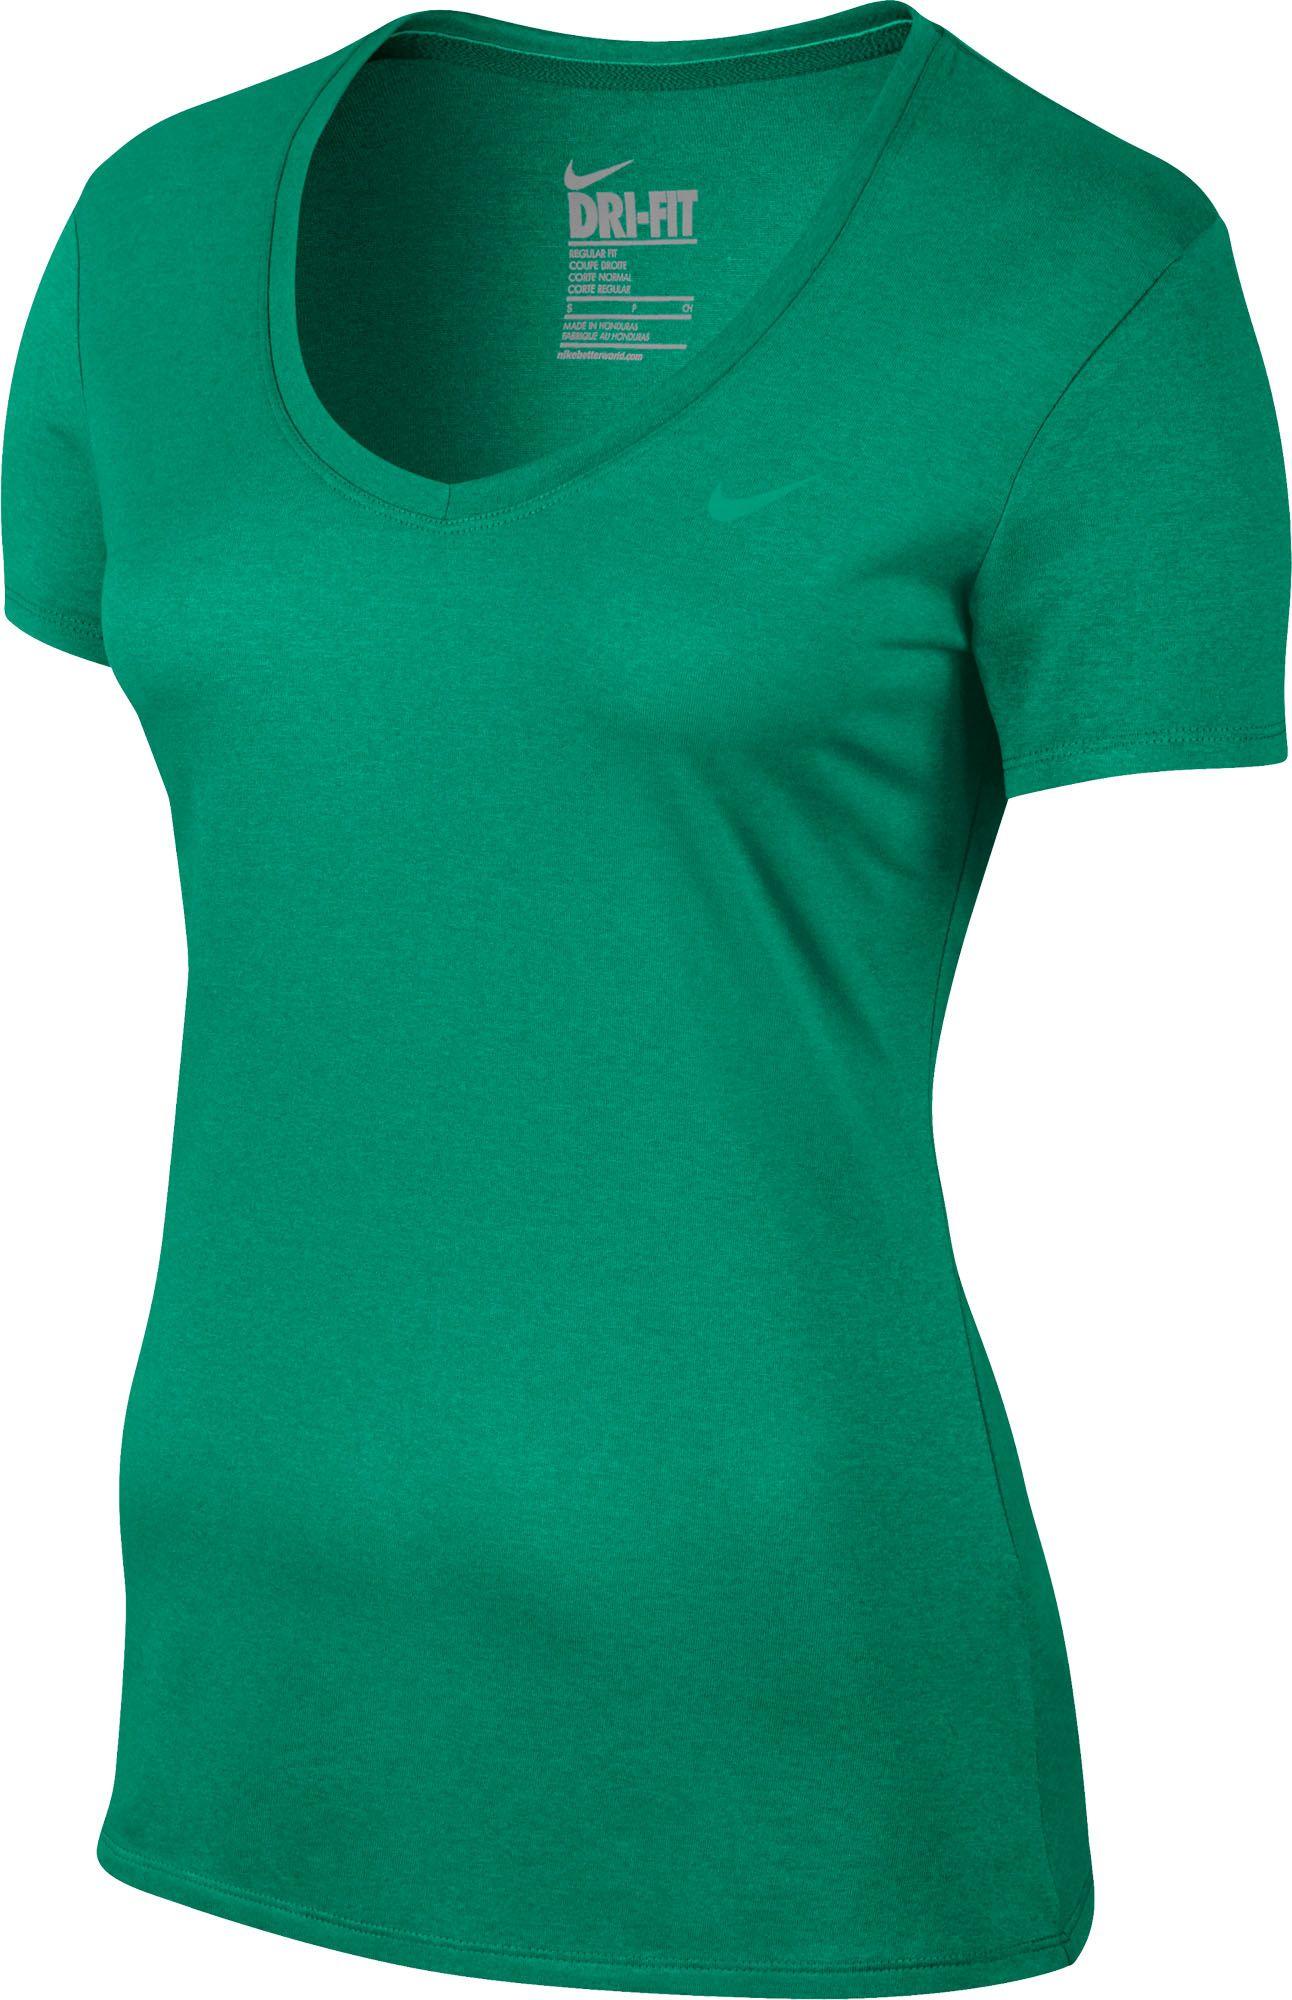 Nike Women's Legend V-Neck 2.0 Short Sleeve Shirt | DICK'S ...